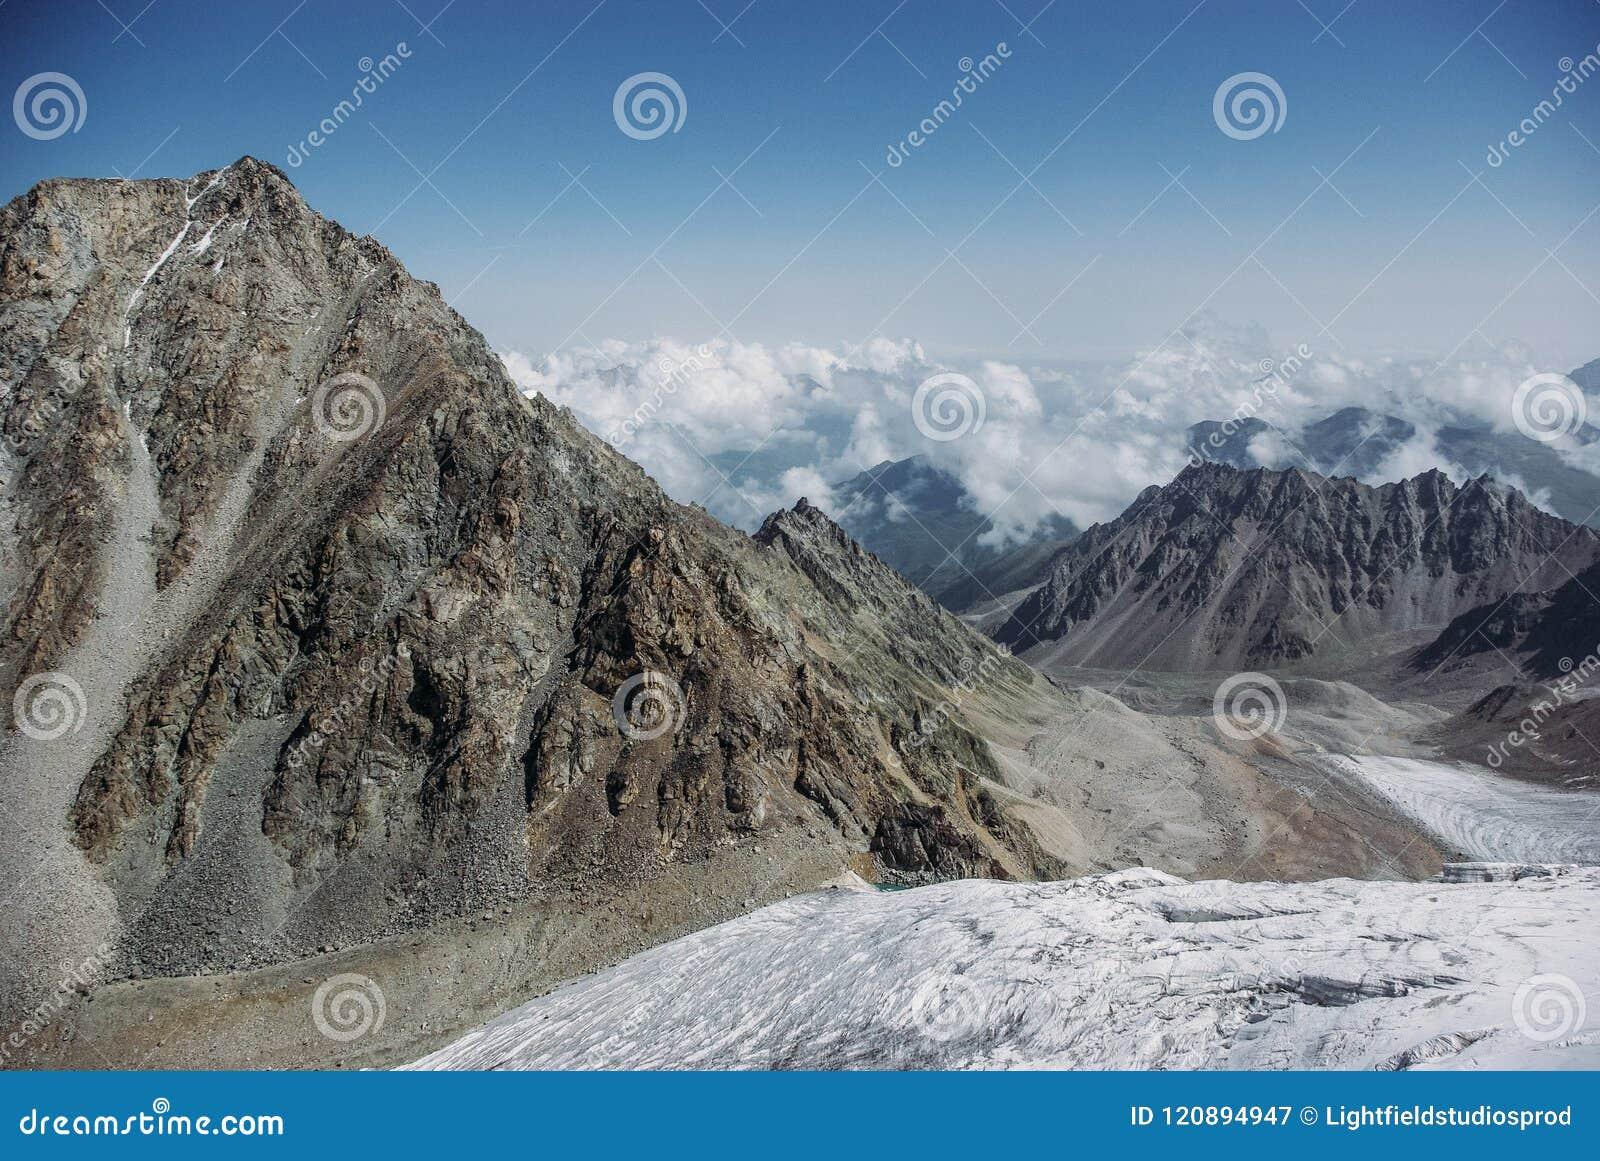 La vue étonnante des montagnes aménagent en parc avec la neige, Fédération de Russie, Caucase,